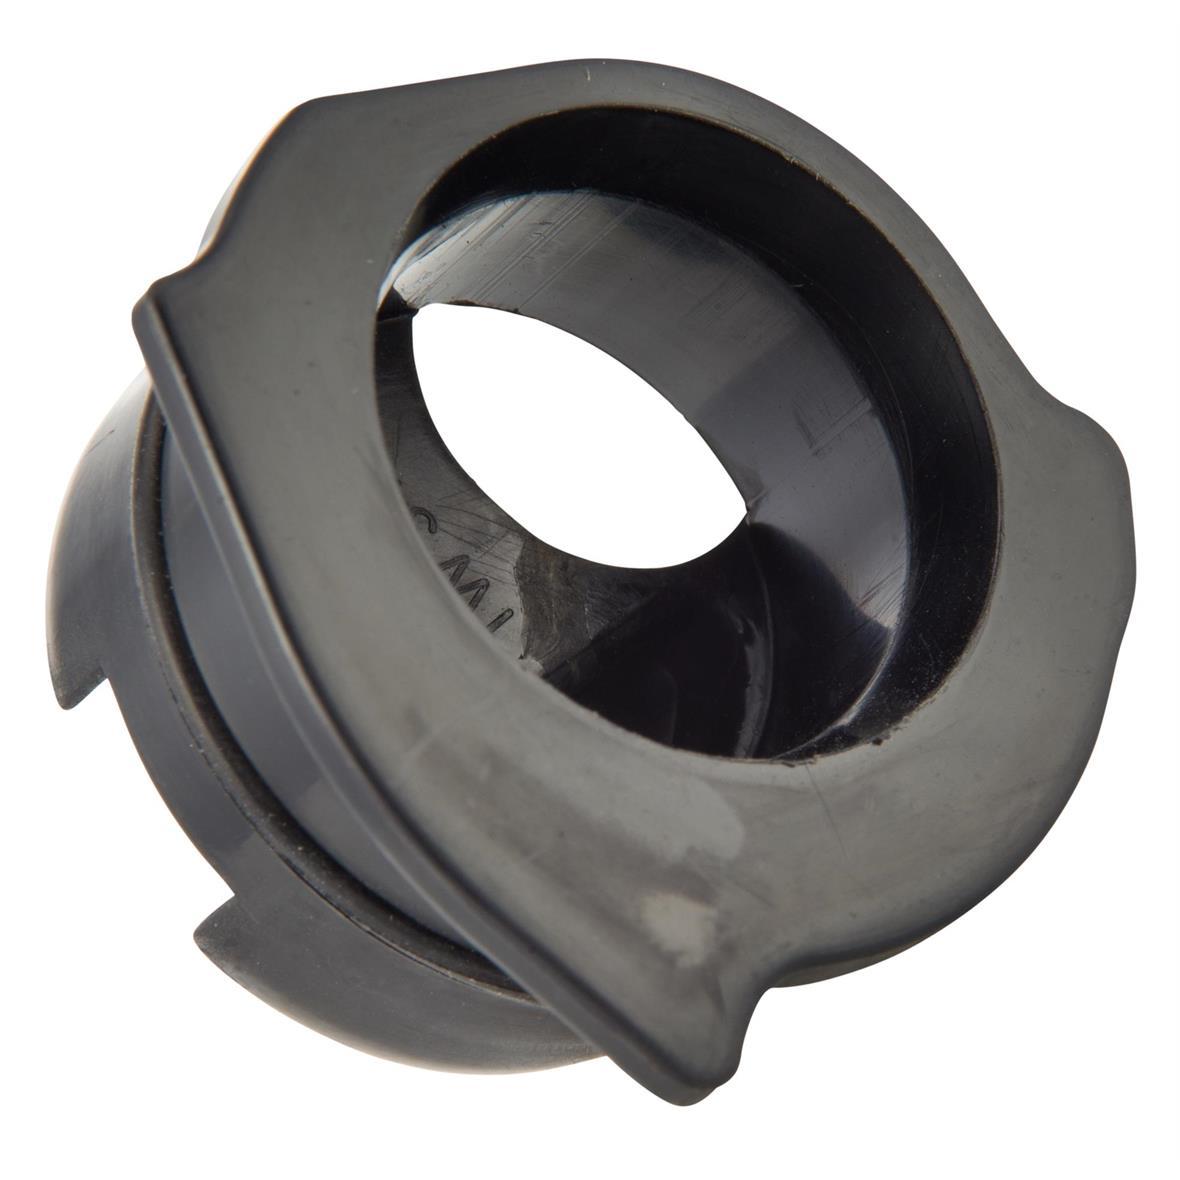 Image du produit 'Couvercle de filtre à hulie PIAGGIO'